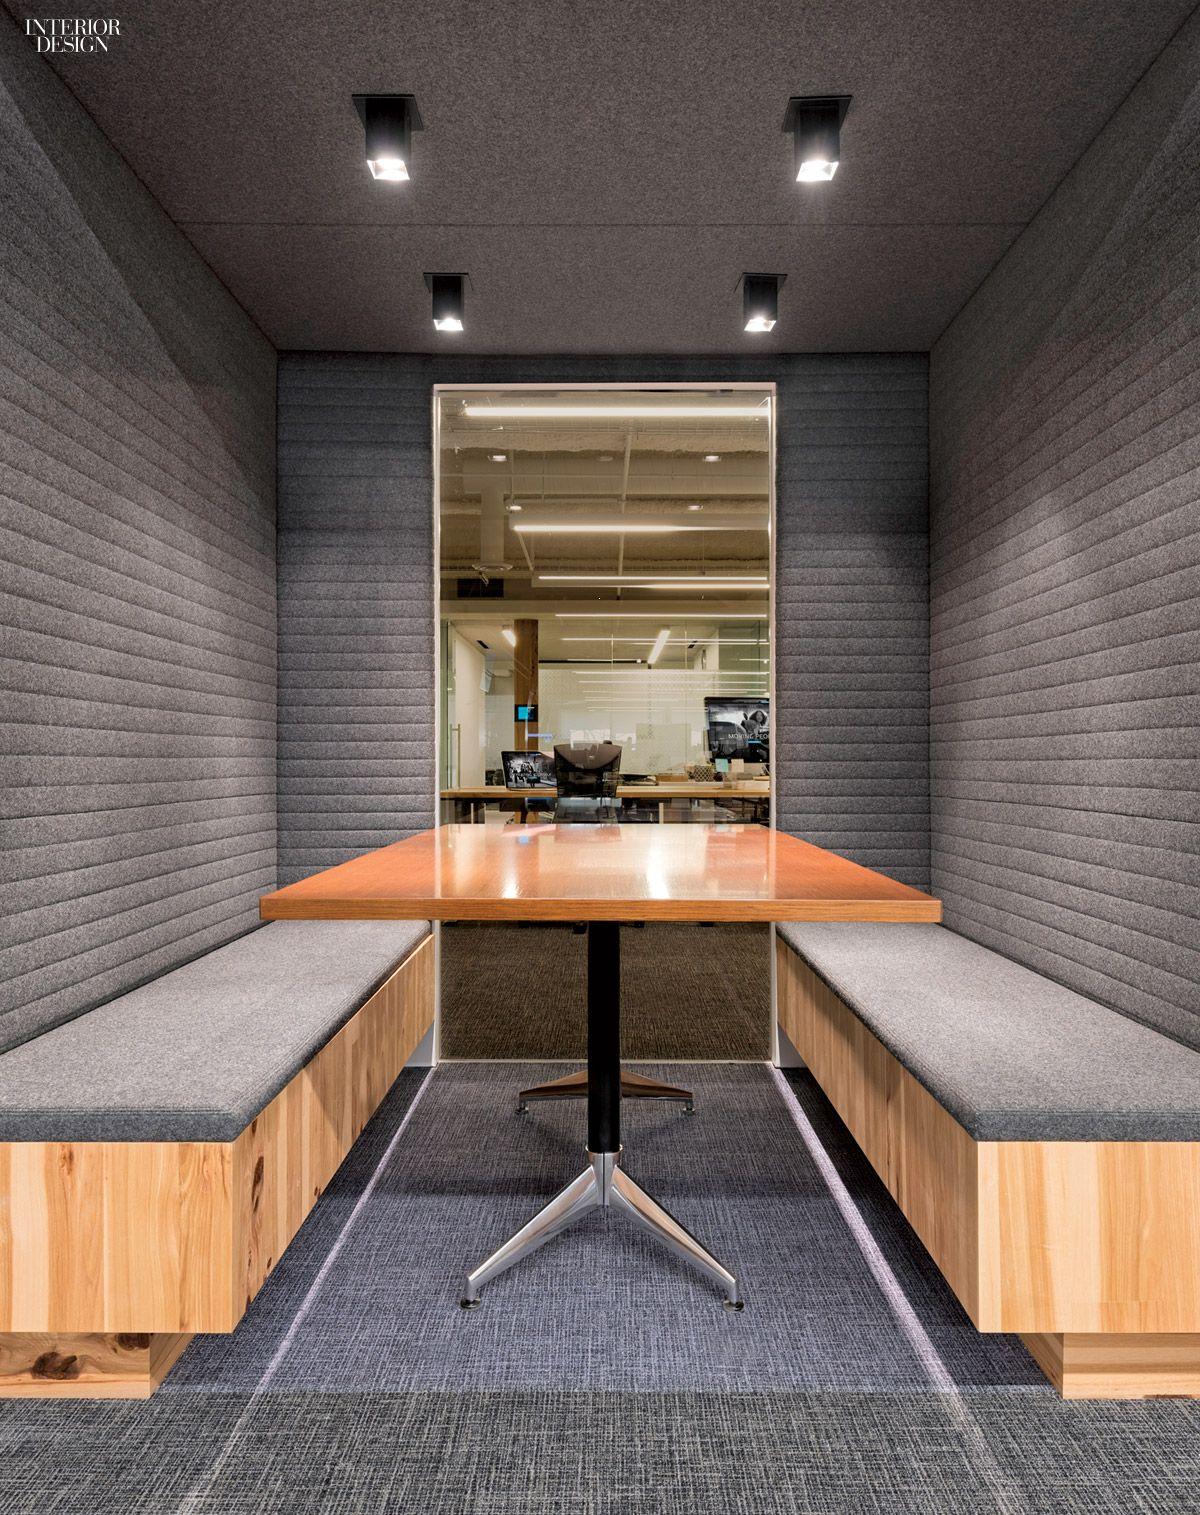 studio oa designs hq. Over And Above: Studio O A Designs HQ For Uber Oa Hq